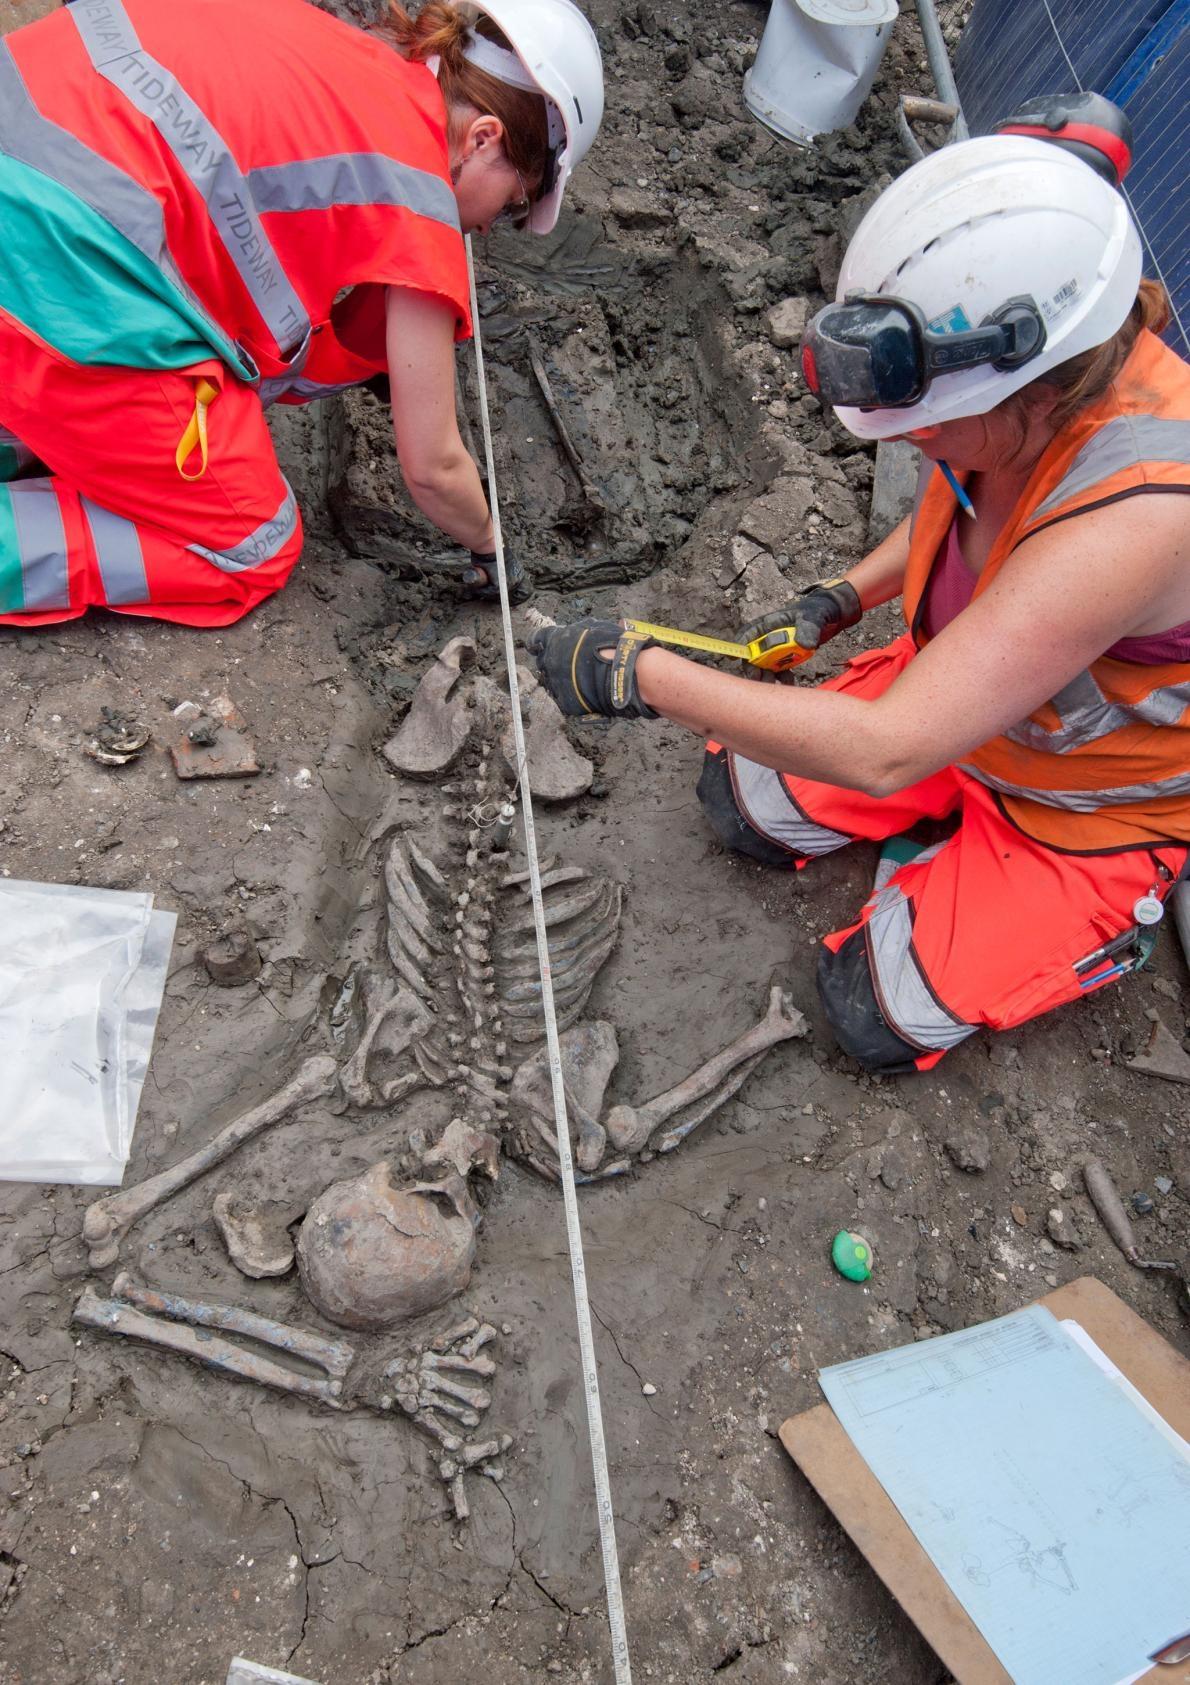 倫敦的考古學家正在研究一名三十多歲的成年男性骨骸,他已經在地下靜靜躺了超過500年。 COURTESY OF MOLA HEADLAND INFRASTRUCTURE